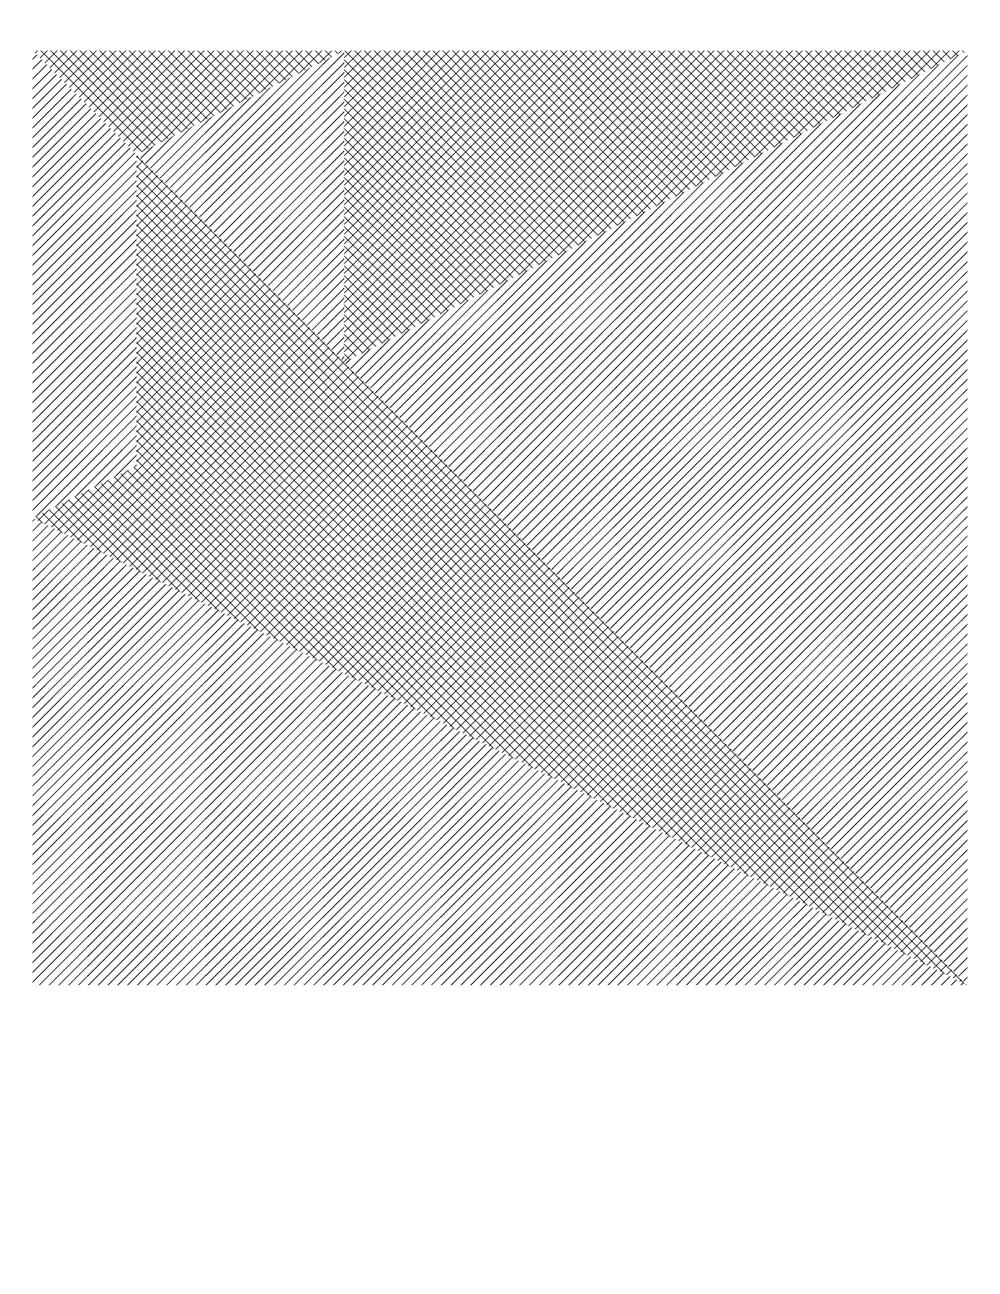 FormulaKills_9x9-24.jpg